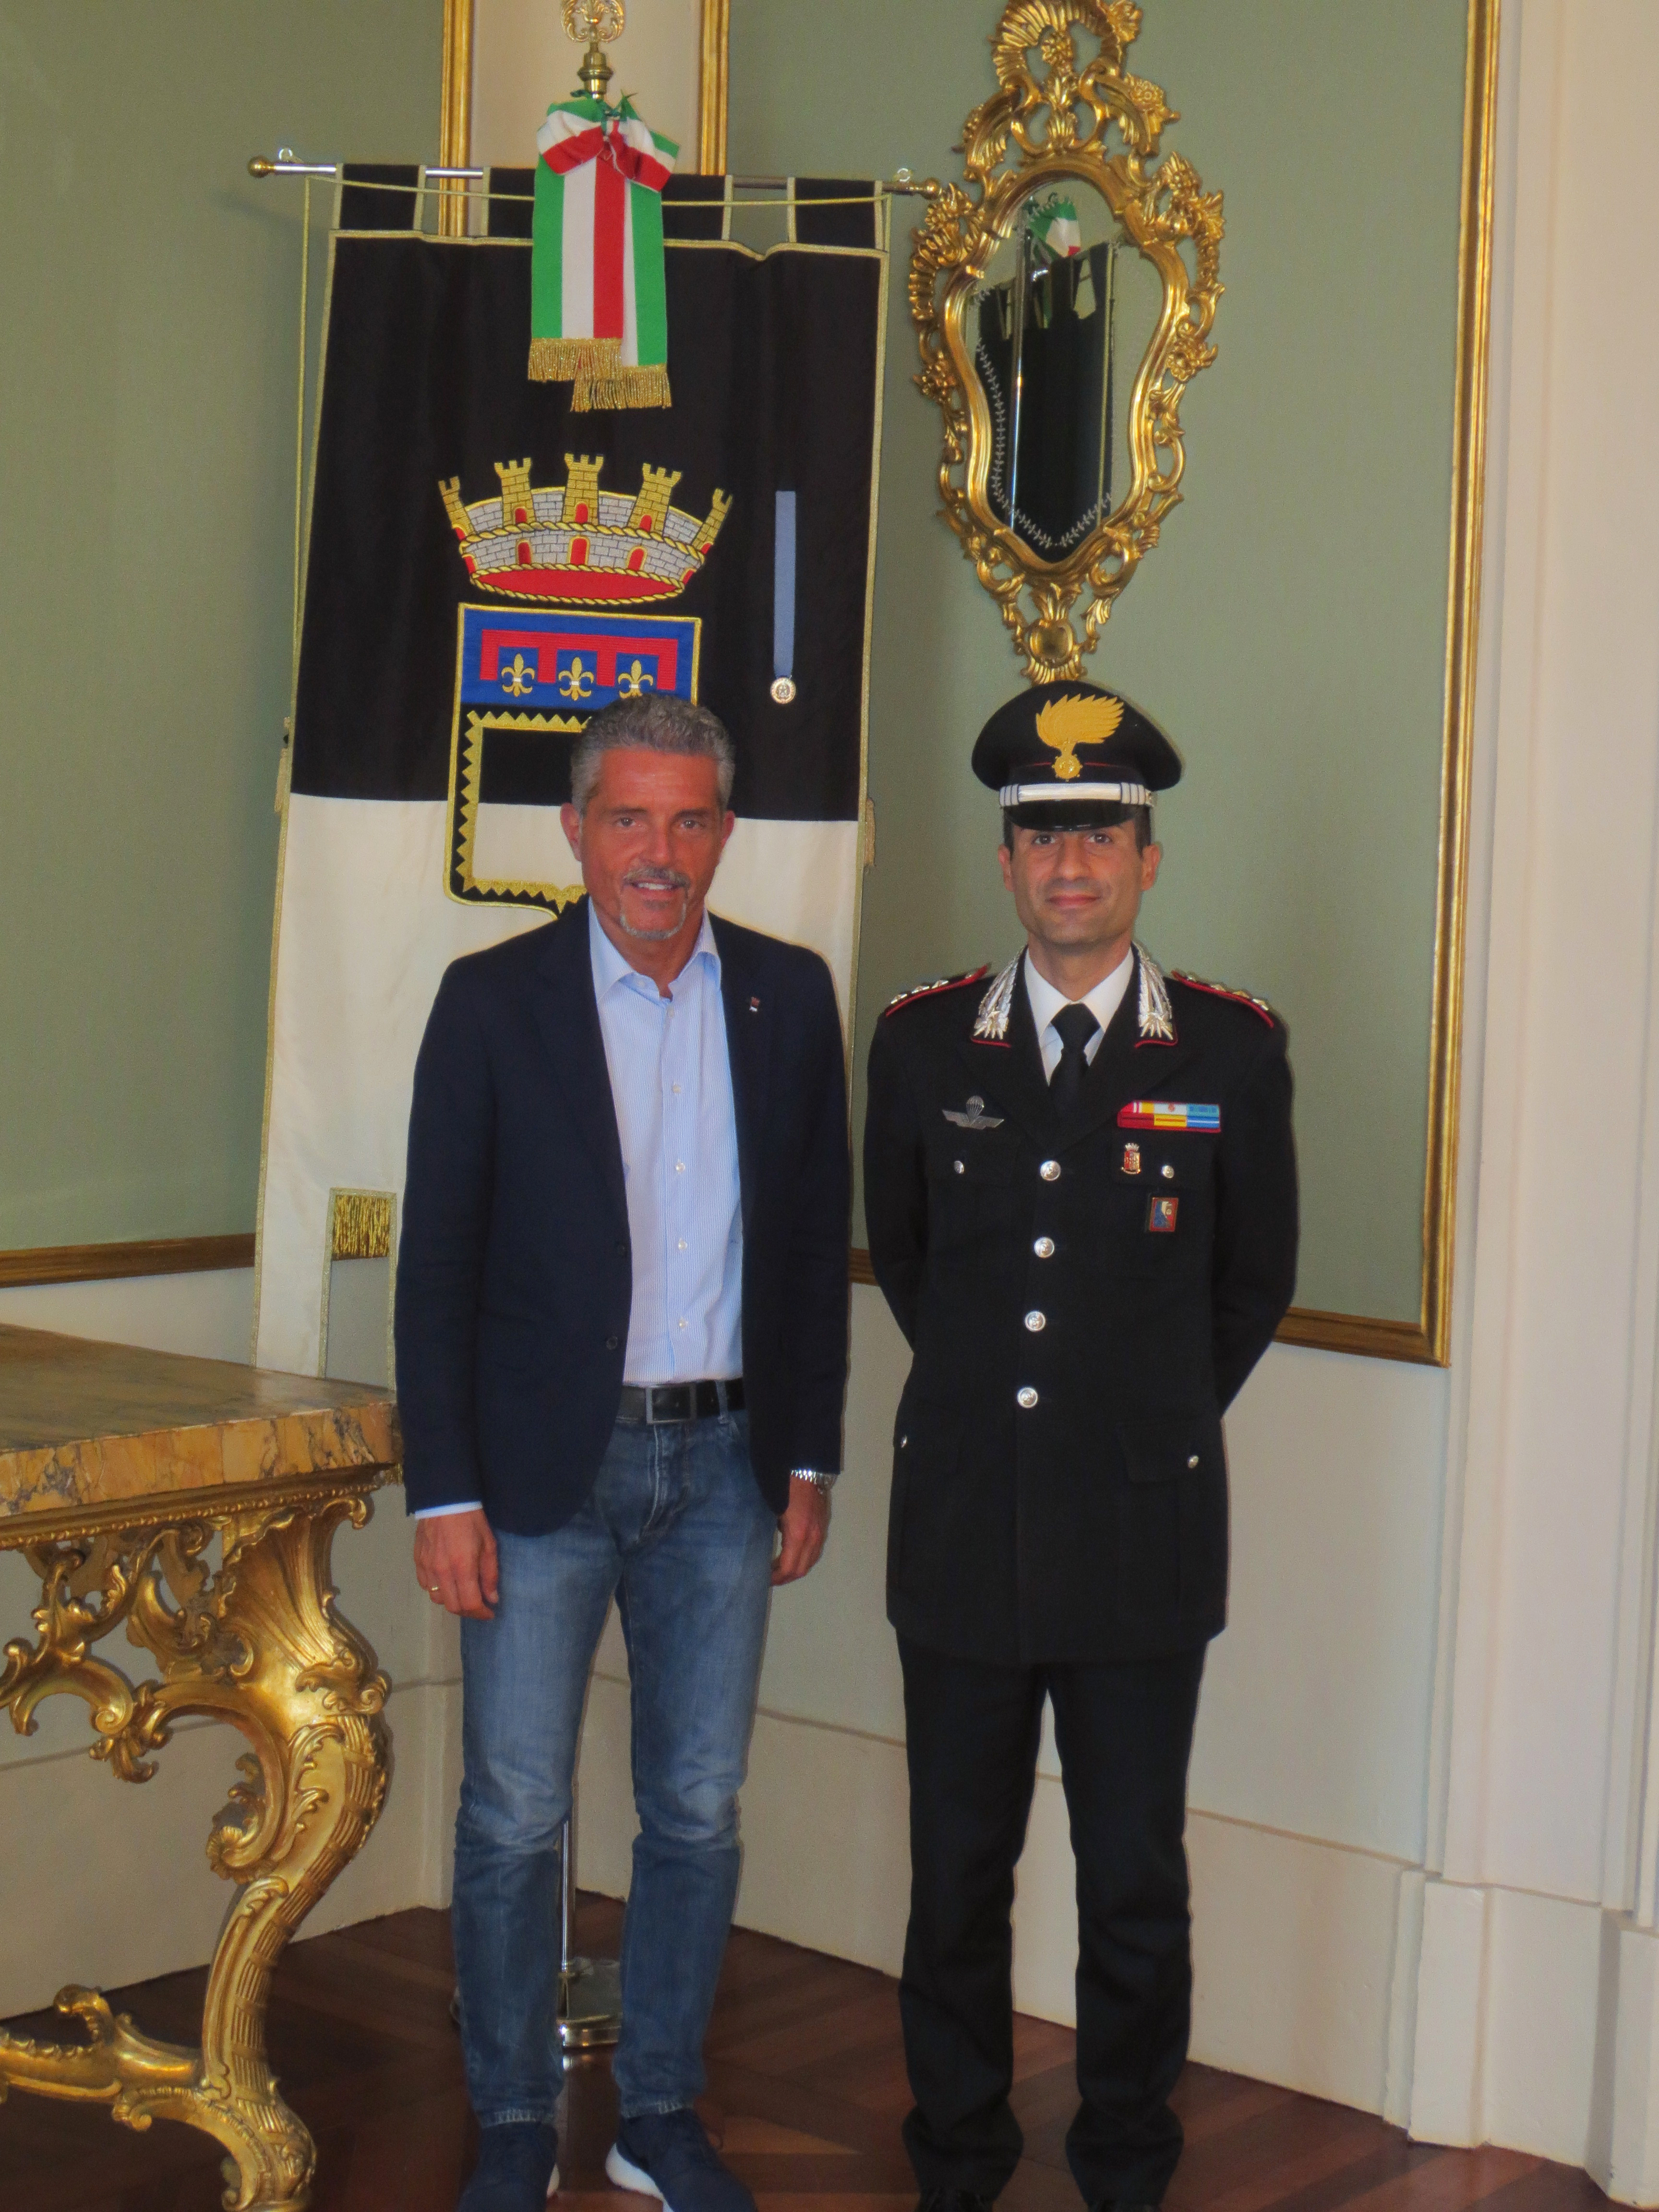 http://www.corrierecesenate.com/wp-content/uploads/2016/07/Nuovo-comandante-dei-carabinieri-Fabio-Di-Benedetto.jpg